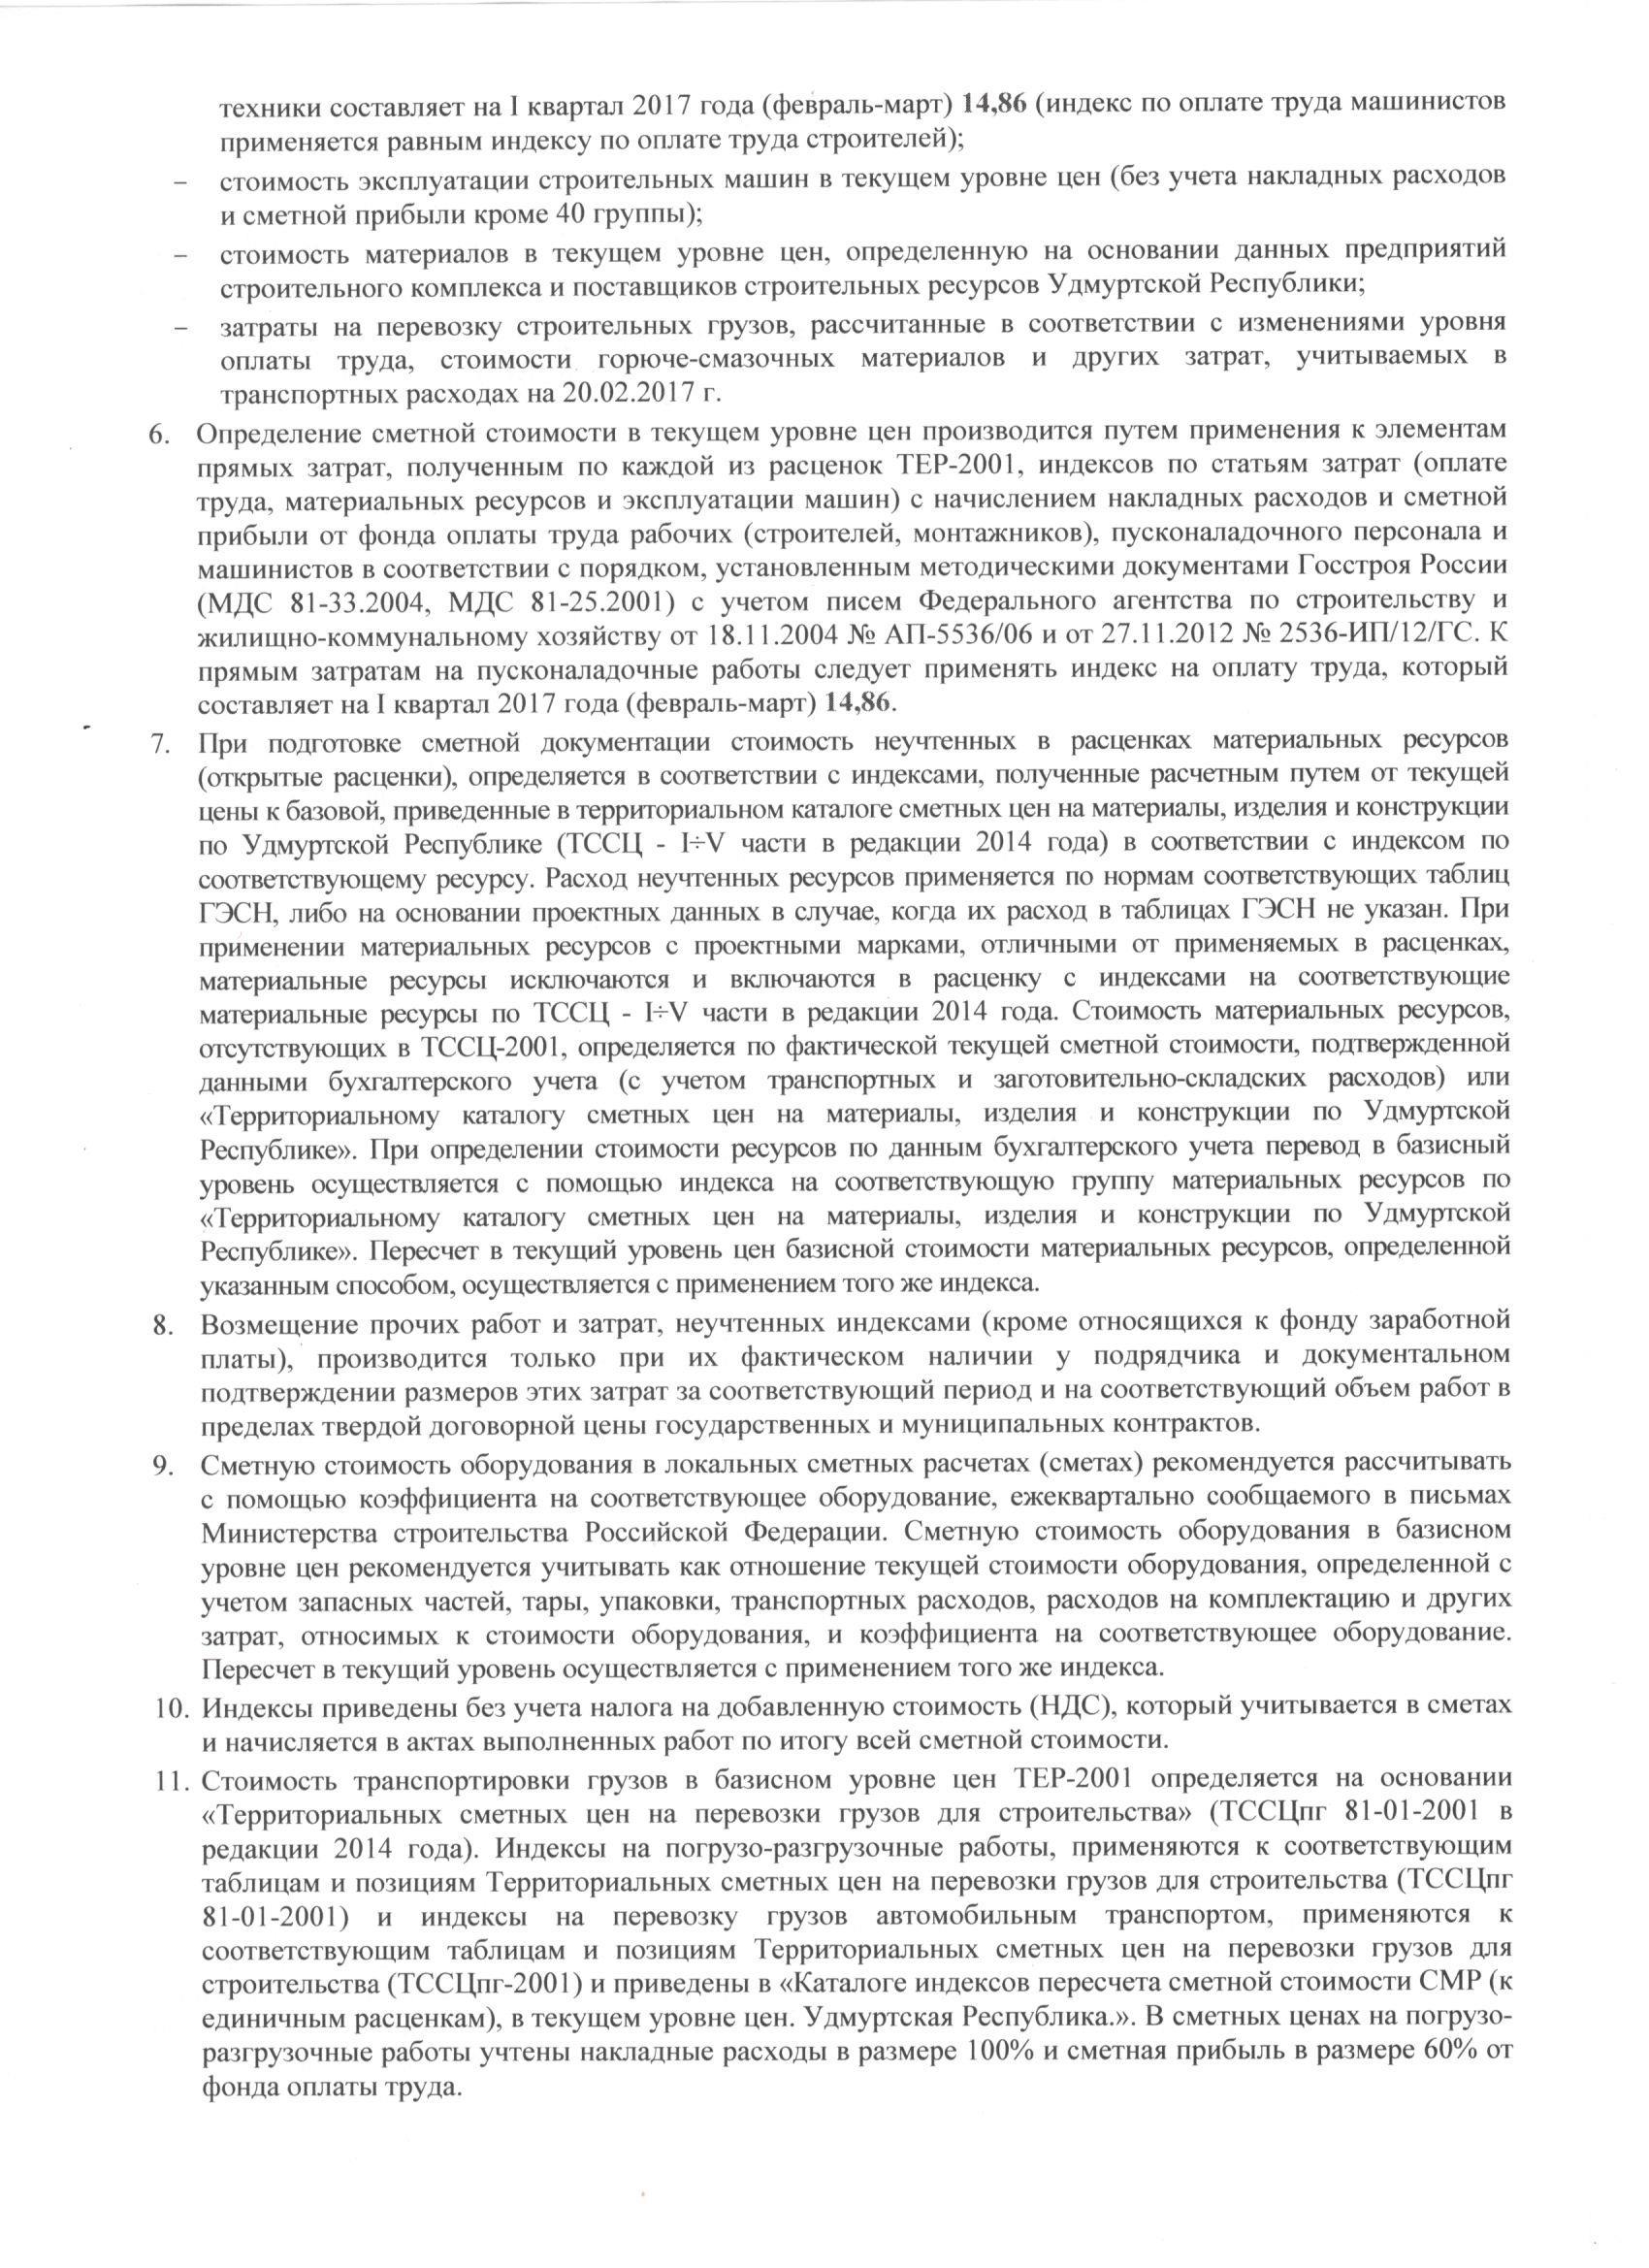 Protokol-2017-1-7